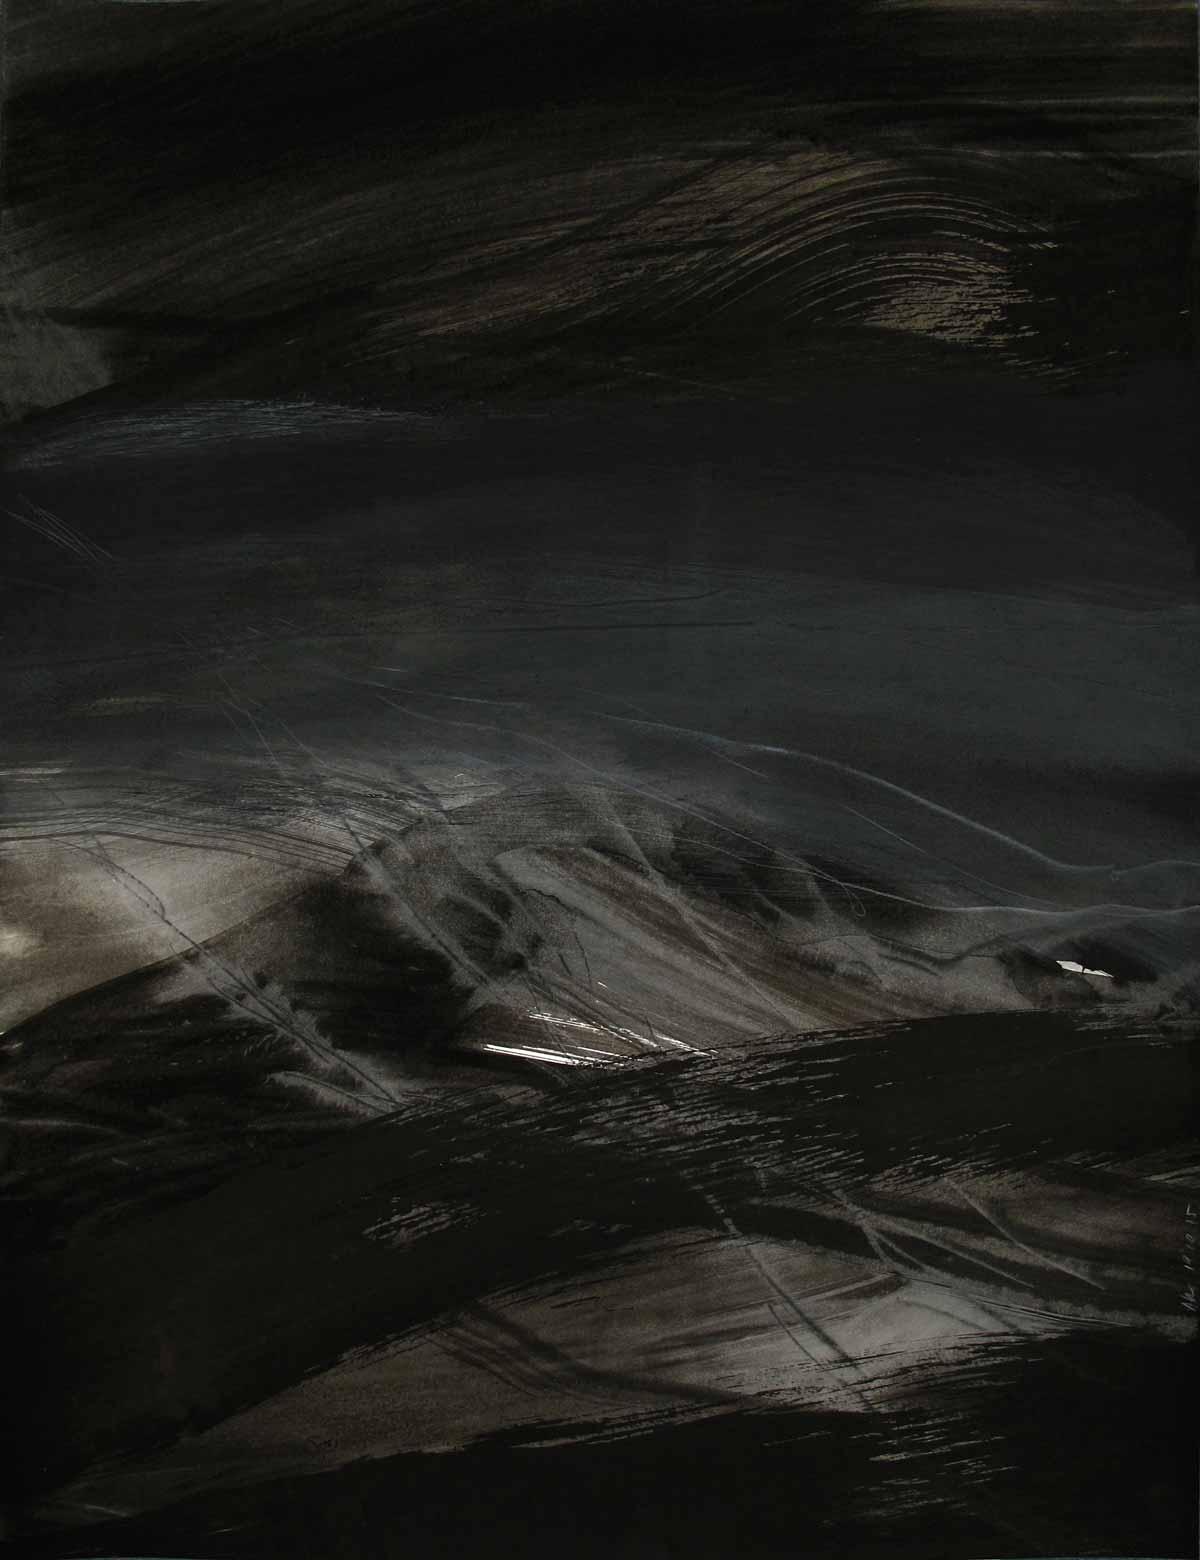 50 x 65 cm, aquarelle et encre de chine sur papier, 19 octobre 15